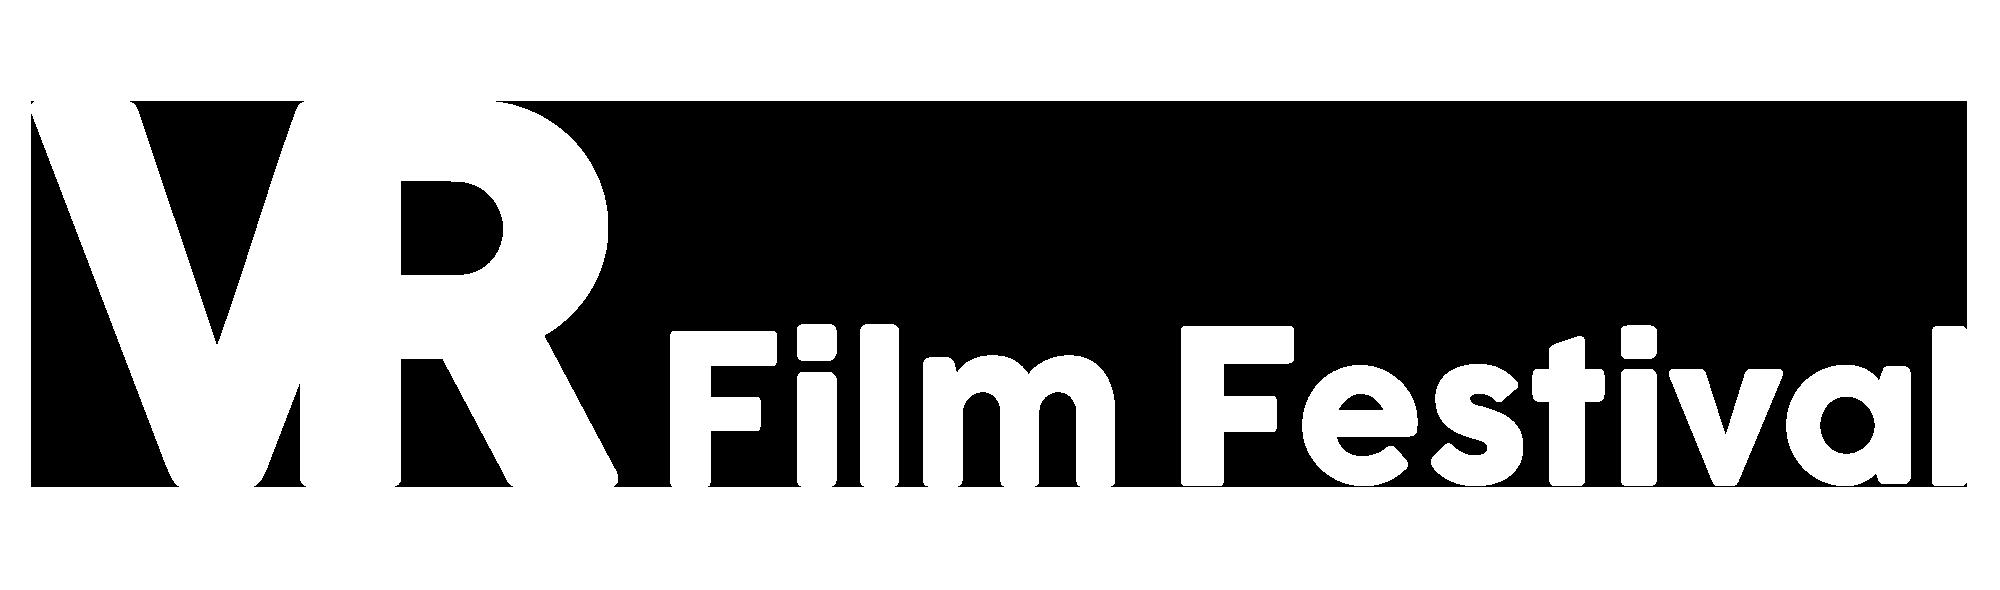 VR Film Festival